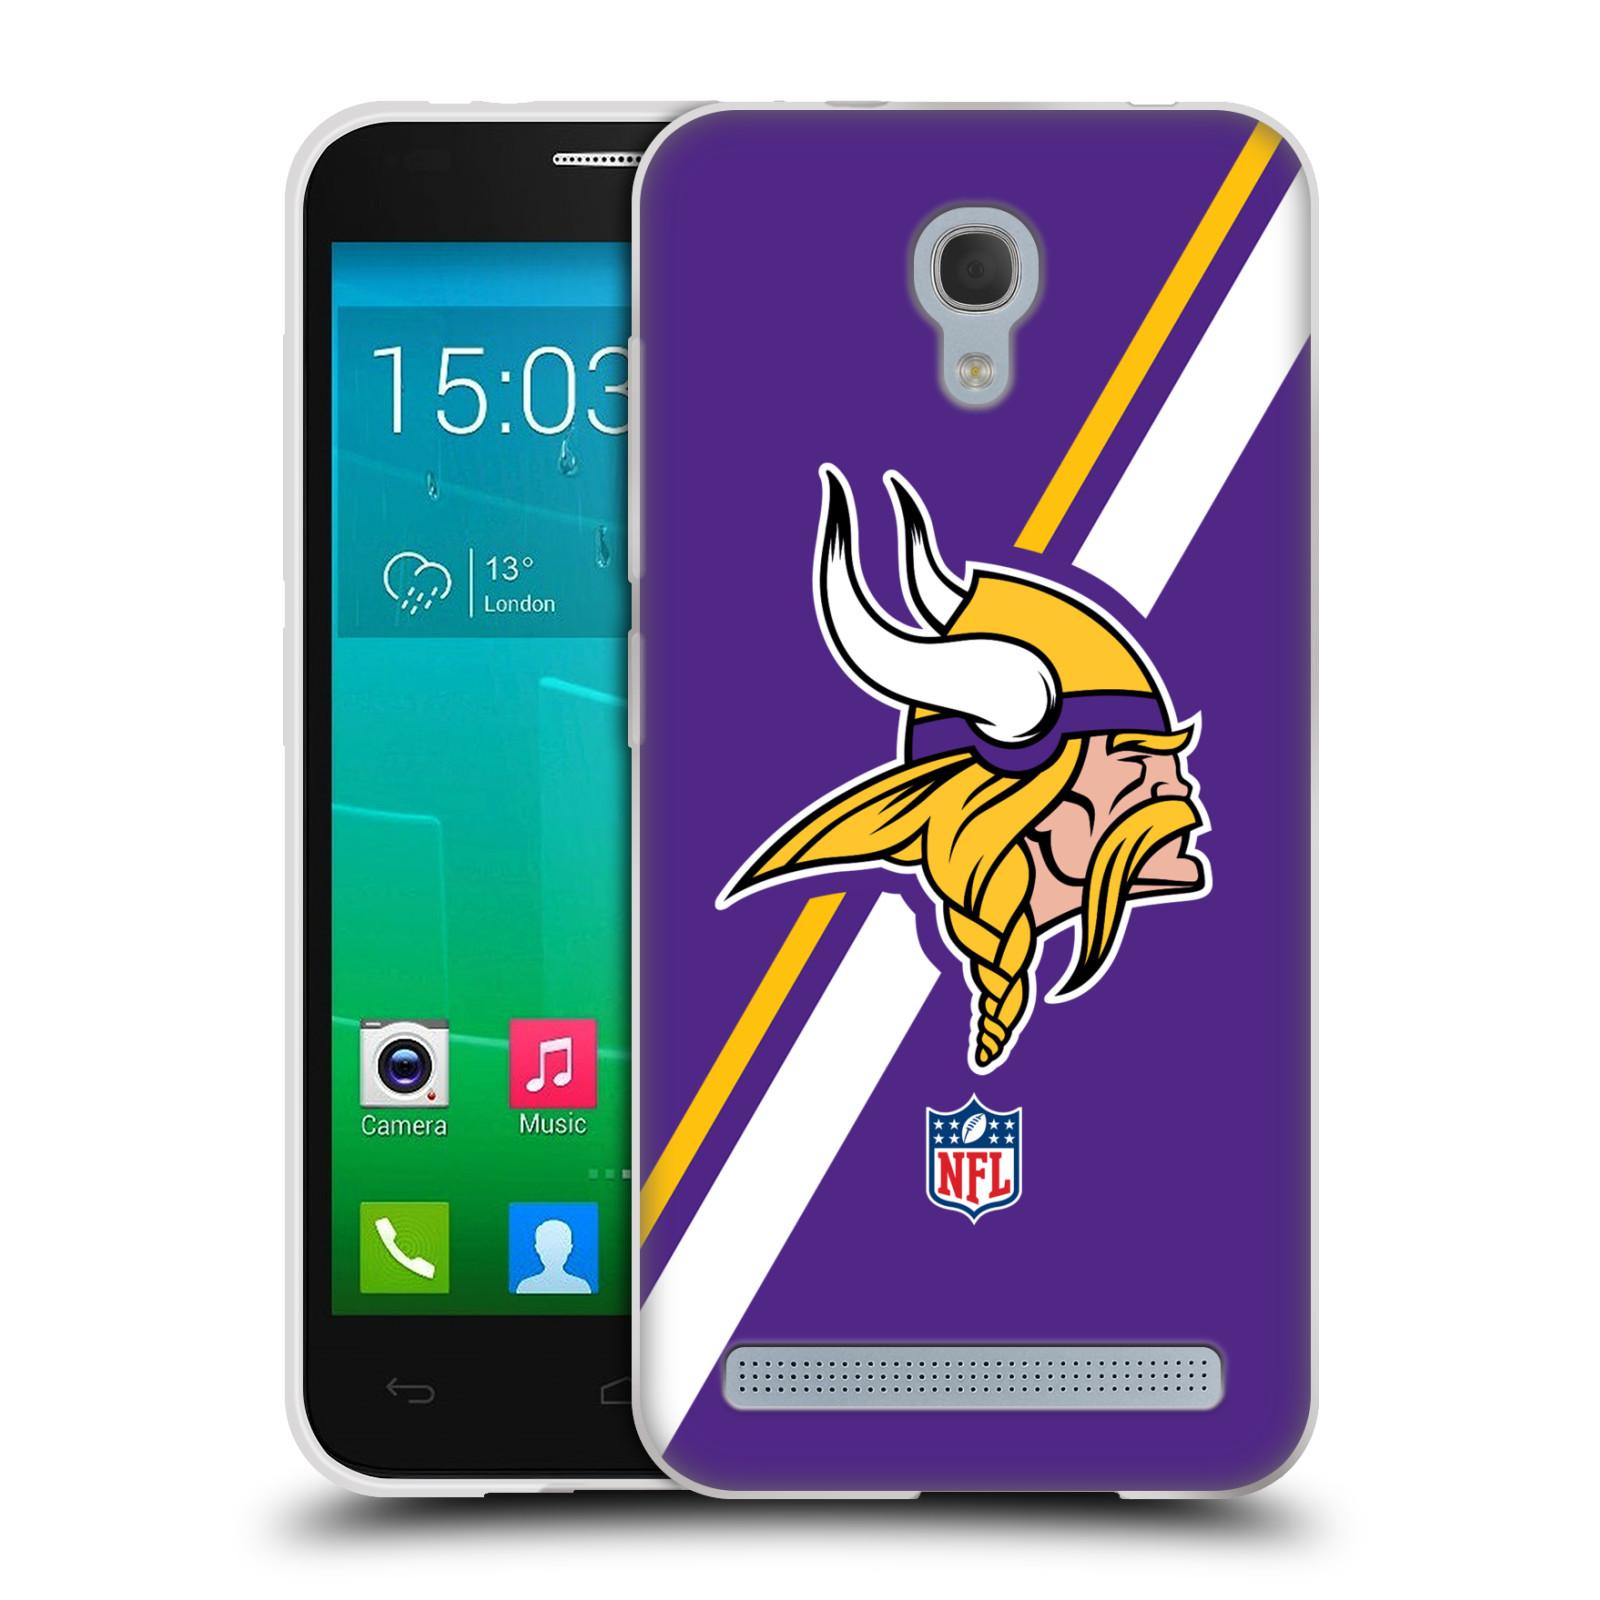 Silikonové pouzdro na mobil Alcatel One Touch Idol 2 Mini S 6036Y HEAD CASE NFL - Minnesota Vikings (Silikonový kryt či obal na mobilní telefon licencovaným motivem NFL pro Alcatel Idol 2 Mini S OT-6036Y)